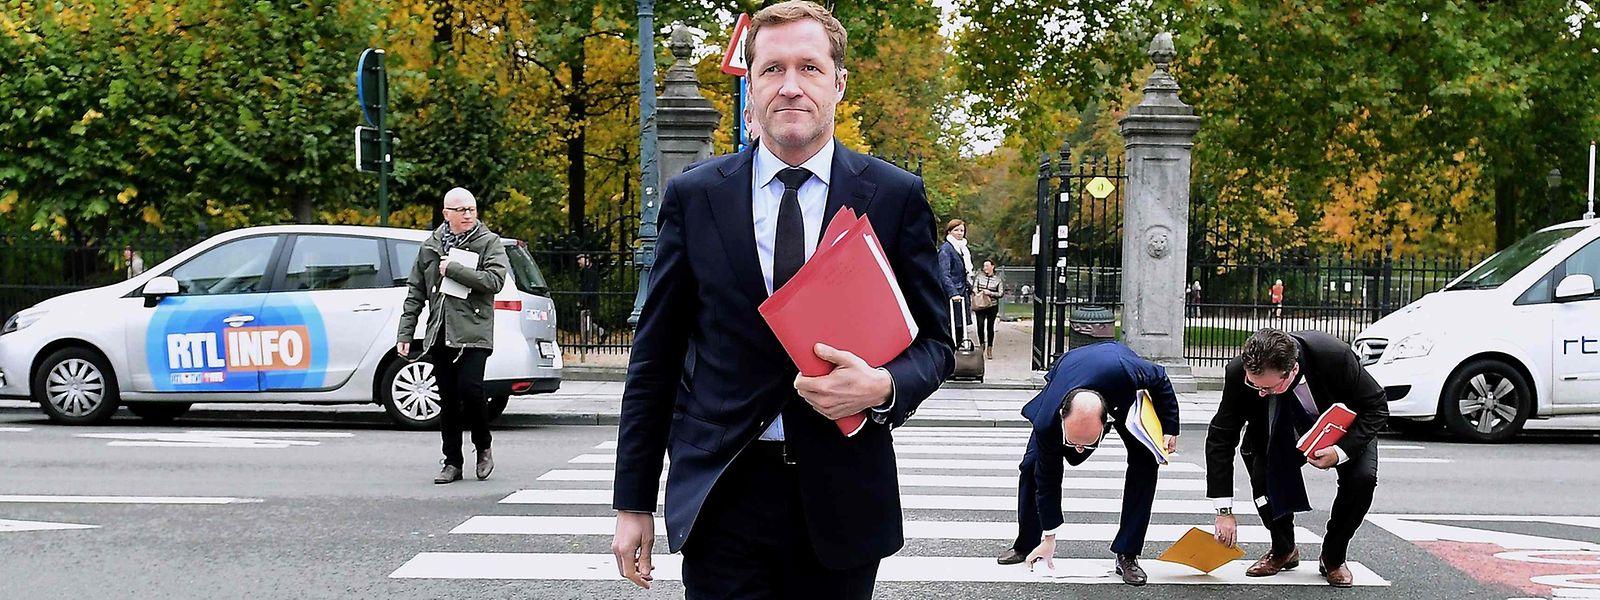 S'il veut prétendre à diriger la Belgique, le socialiste Paul Magnette doit faire le ménage derrière lui au sein du PS. Il s'y attache.